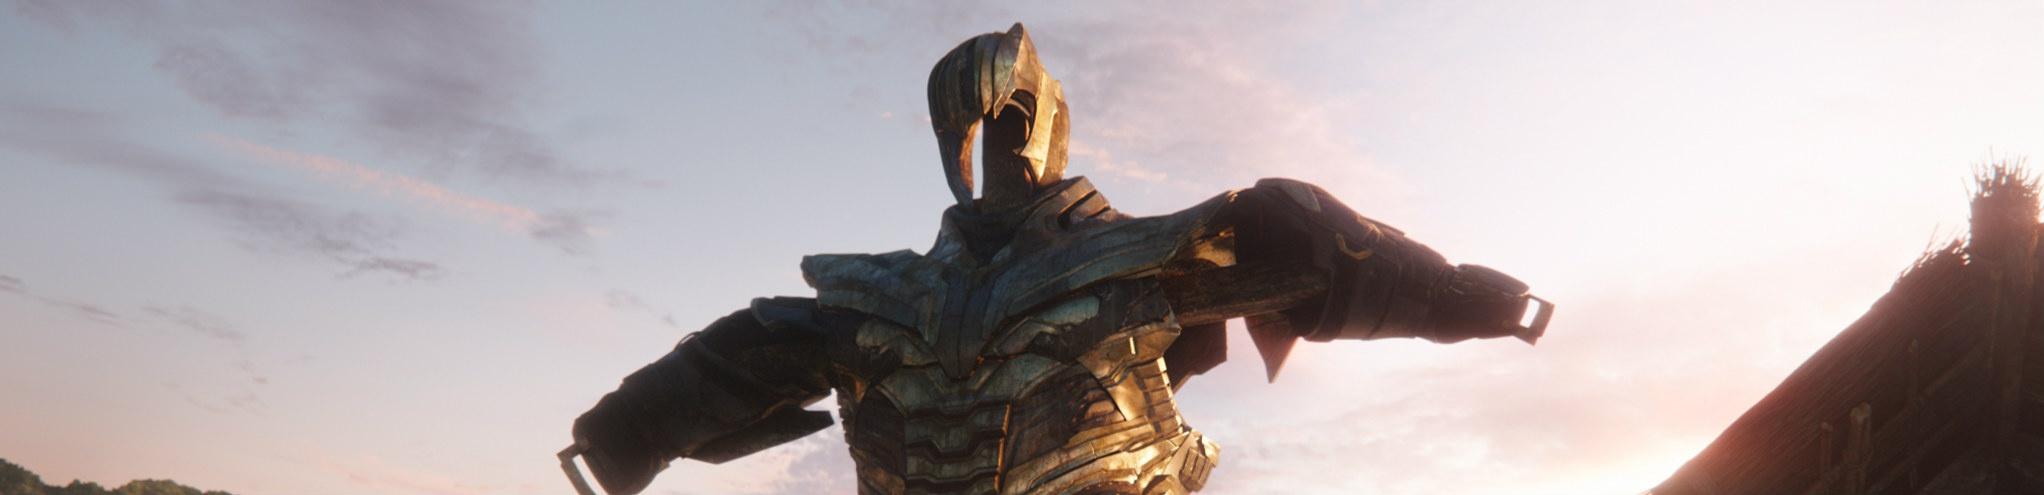 漫威十载,终局之战——制造《复仇者联盟》